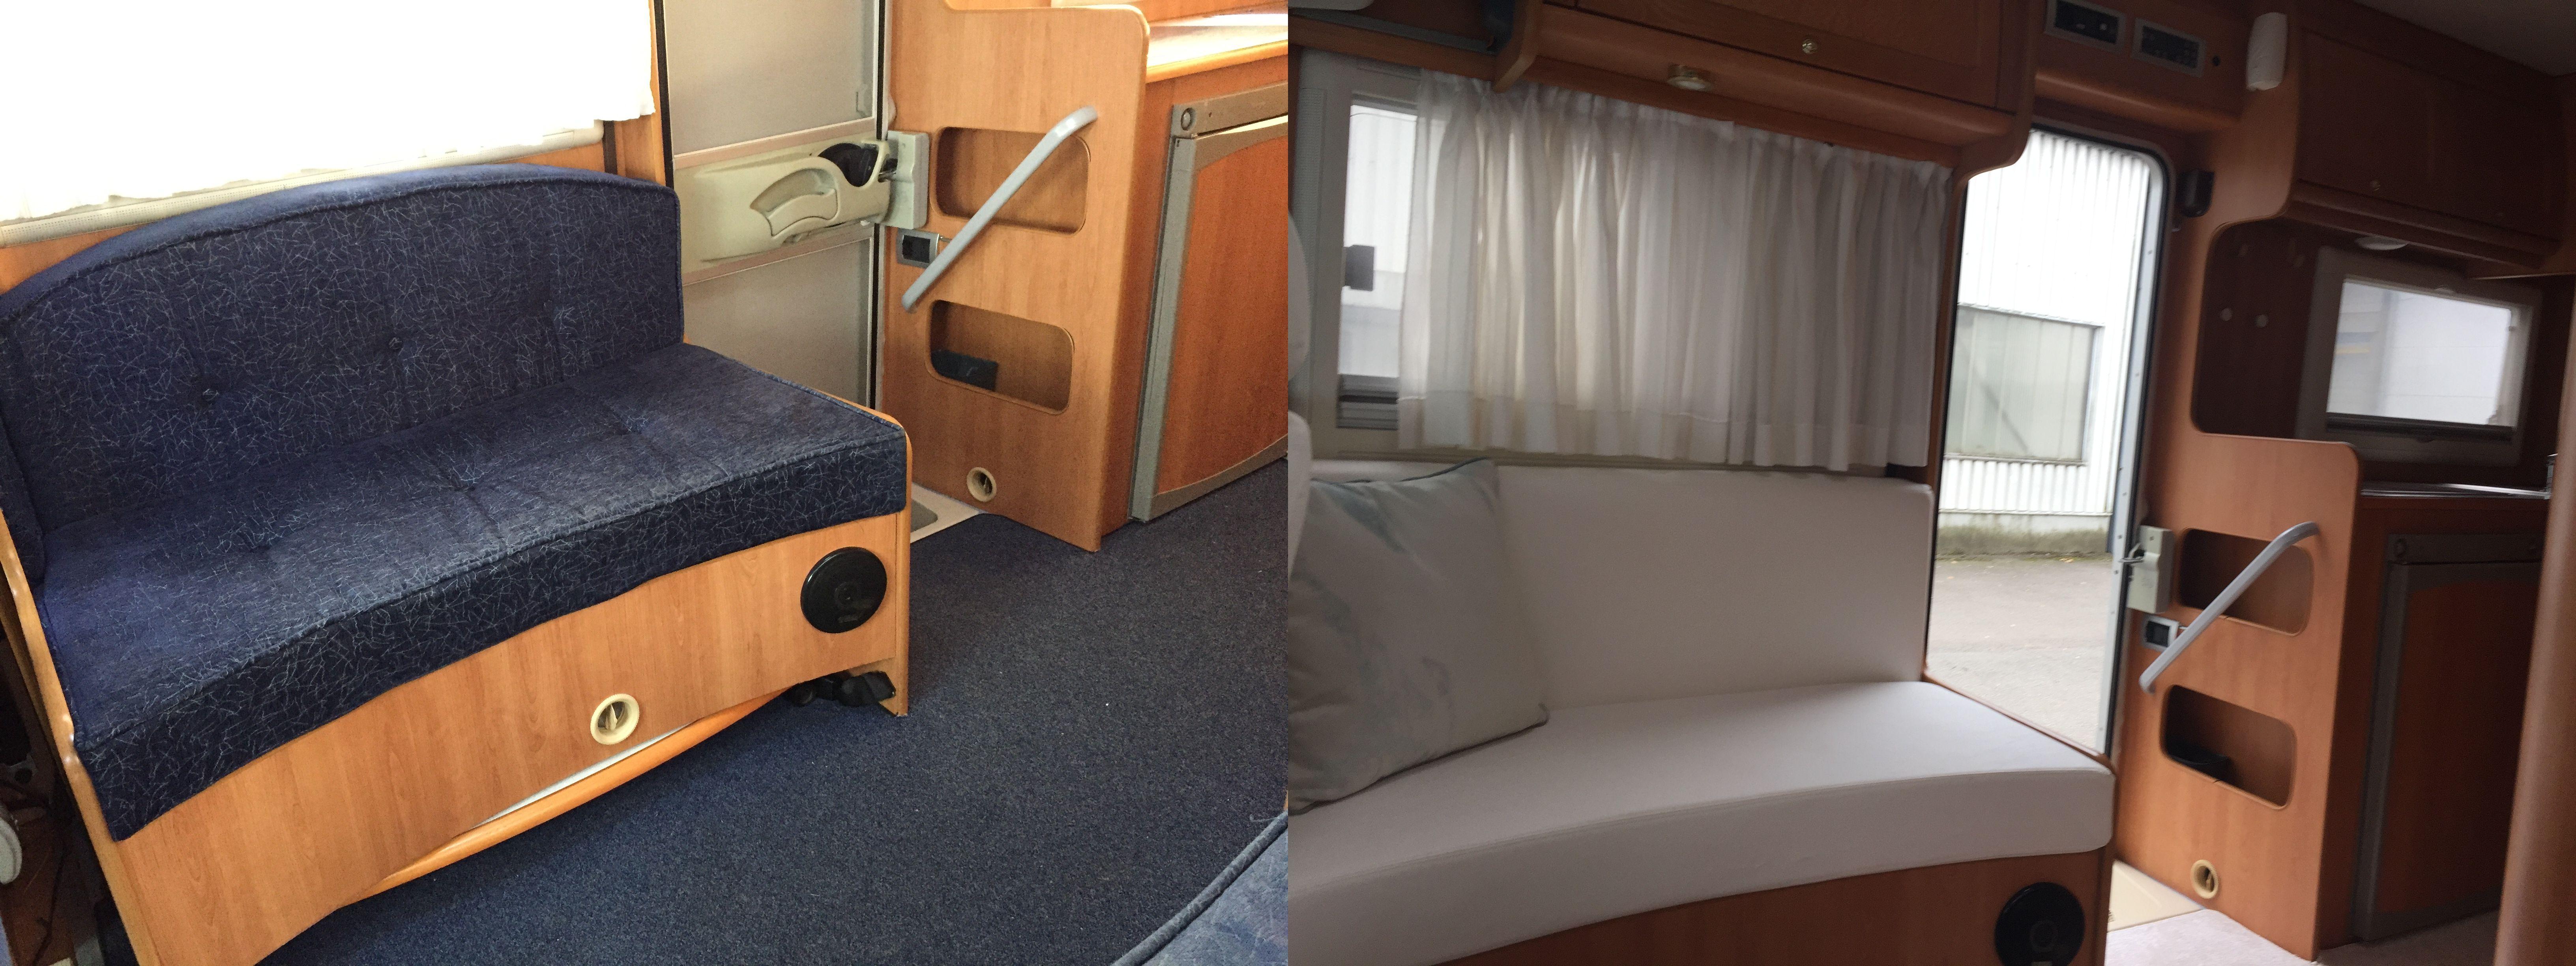 Stoffering kussens op maat maatkussens mobilhome caravan DD&B outdoor living